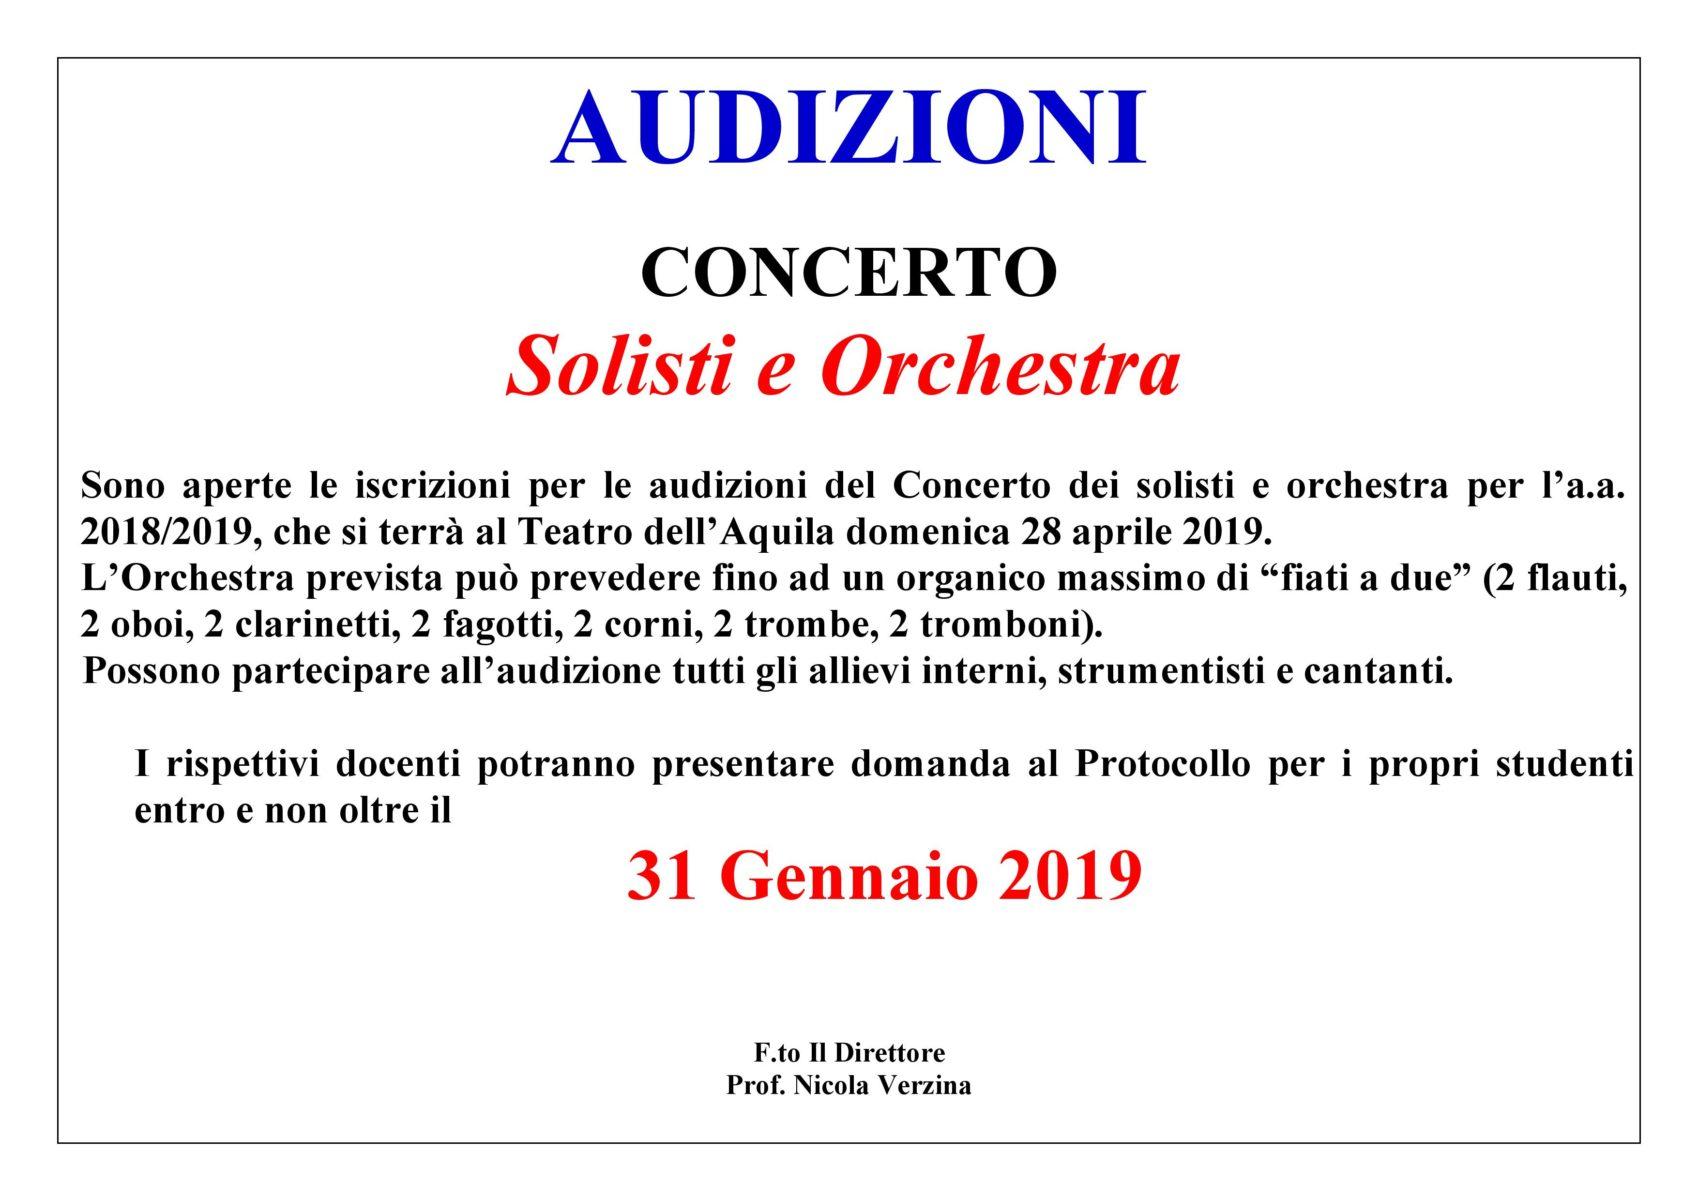 AVVISO SOLISTI E ORCHESTRA 2019